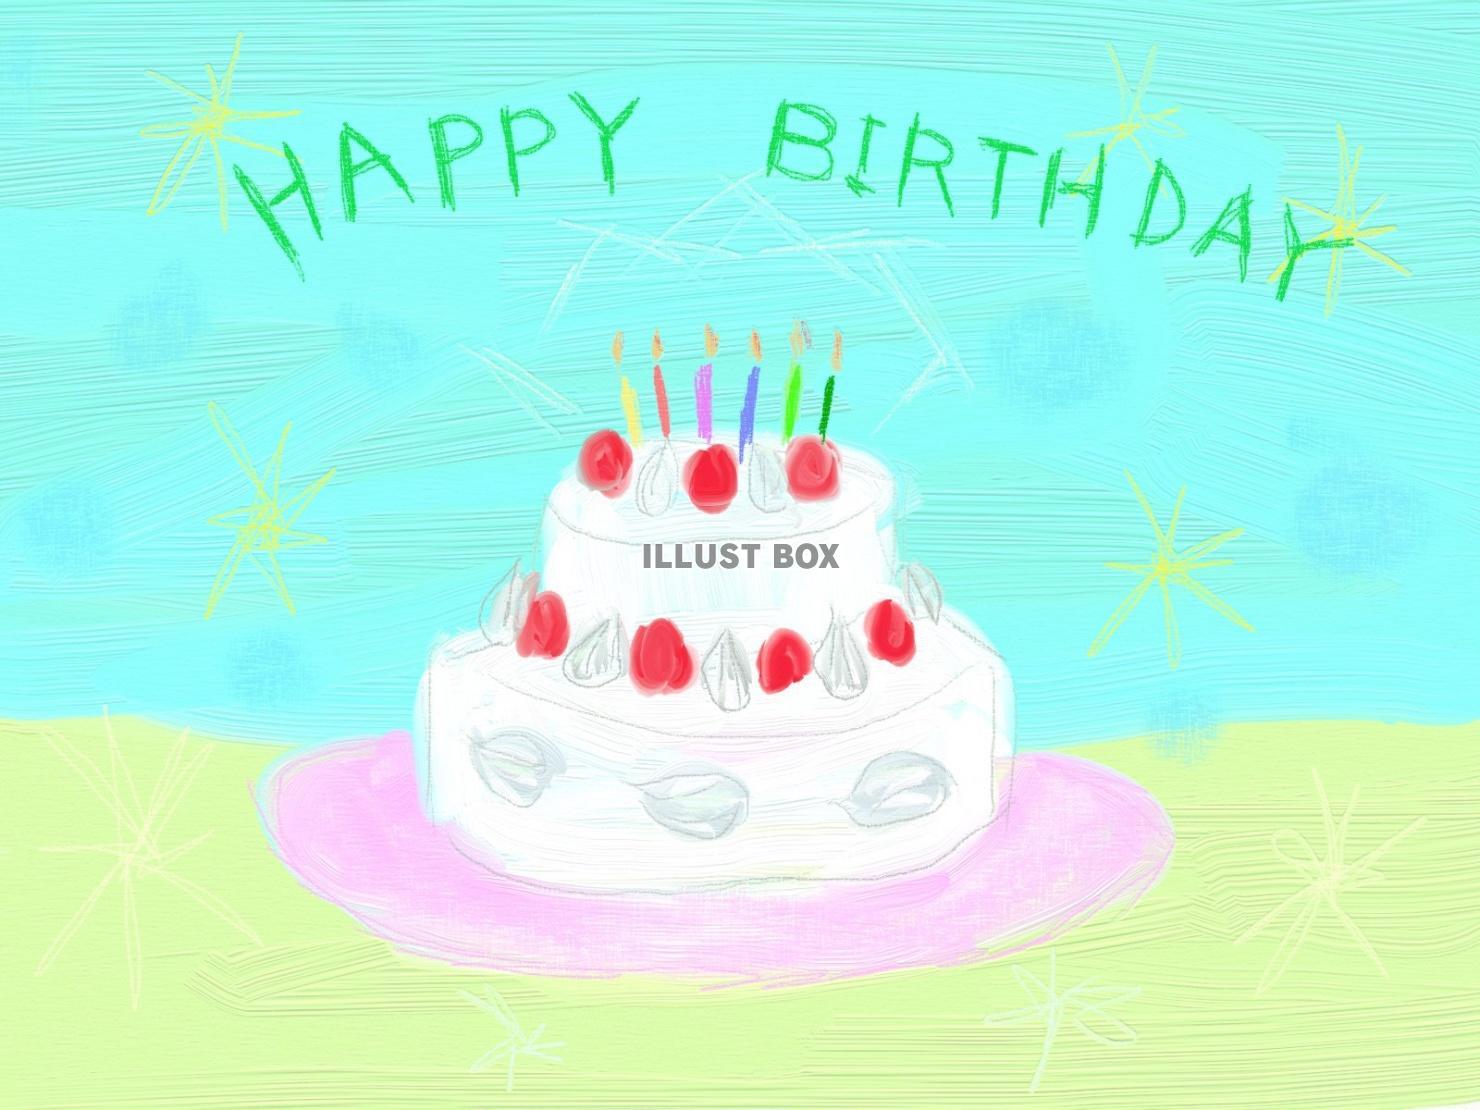 無料イラスト 誕生日祝いのケーキ